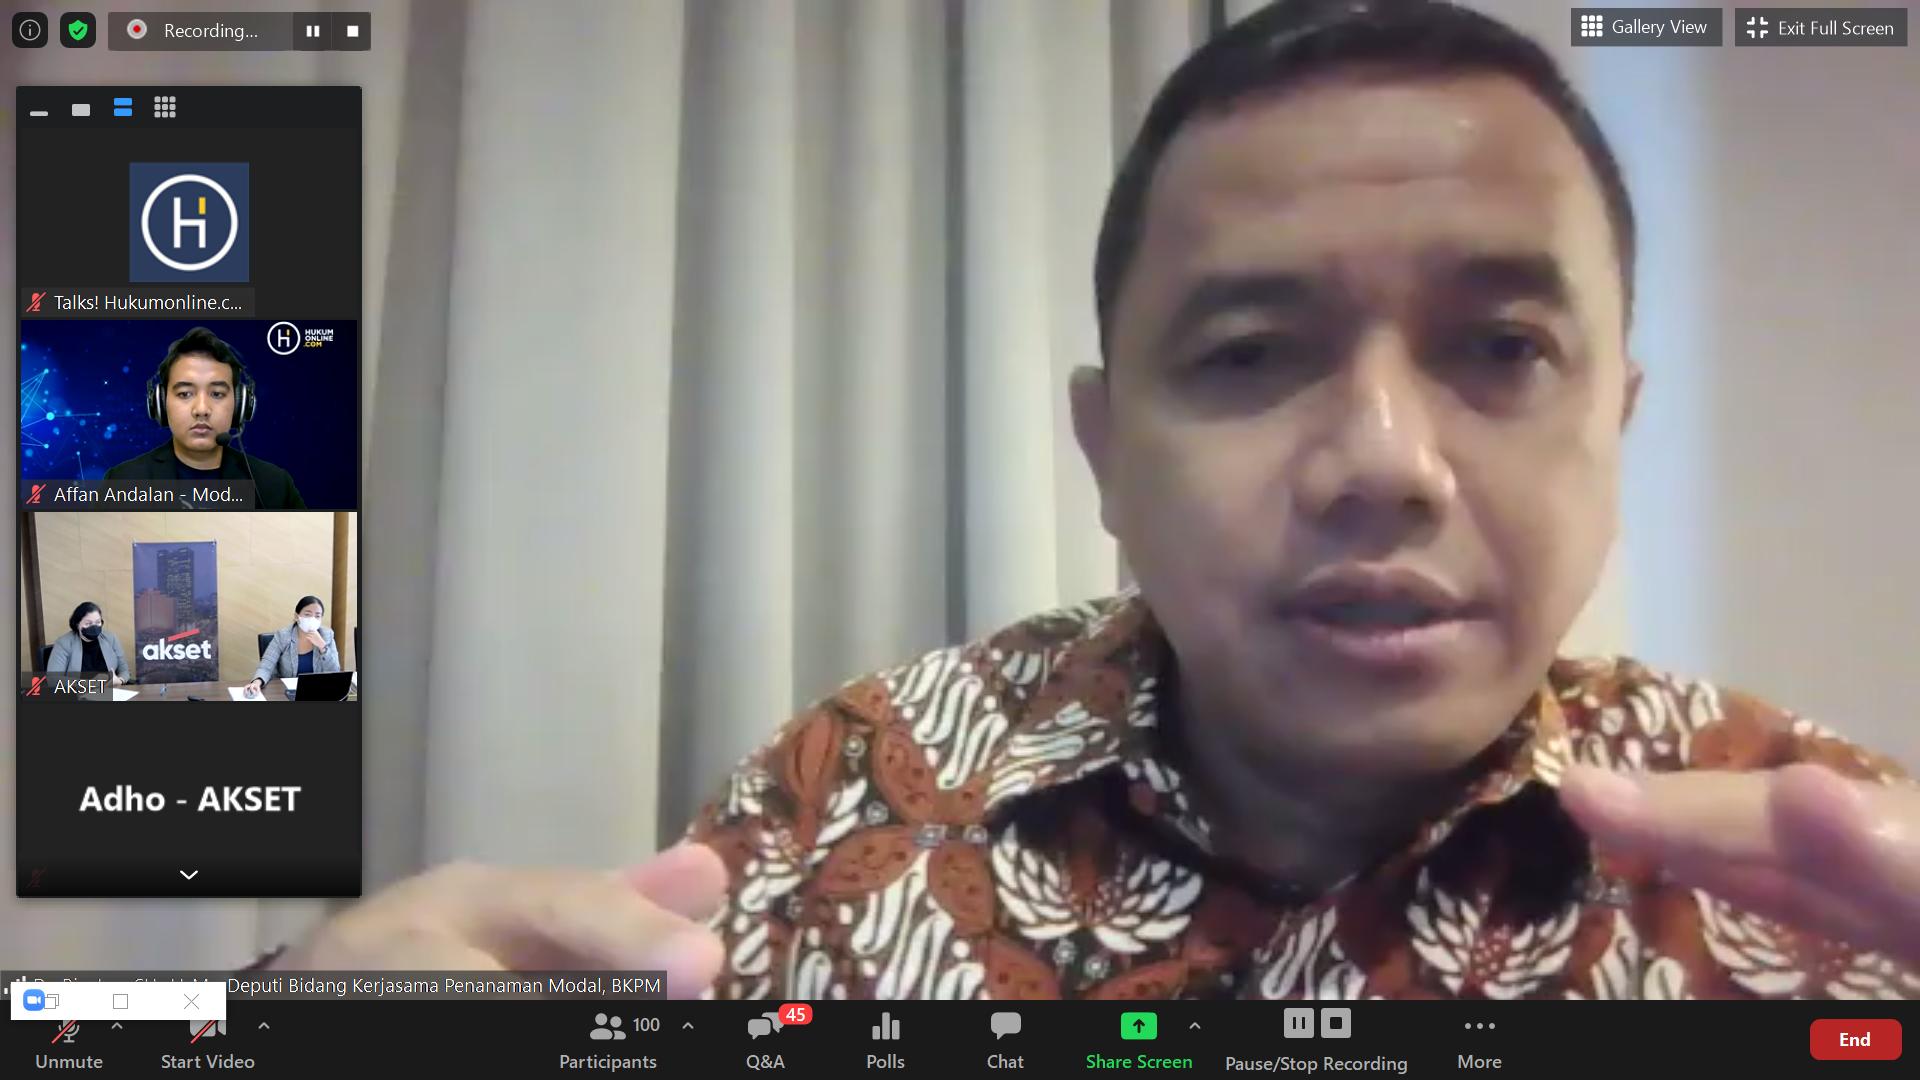 """Webinar Hukumonline 2021  """"Memahami Penerapan Perizinan Berusaha Berbasis Risiko Berdasarkan Peraturan Pelaksana UU Cipta Kerja"""" - Bapak Riyatno BKPM (25/3/2021)"""